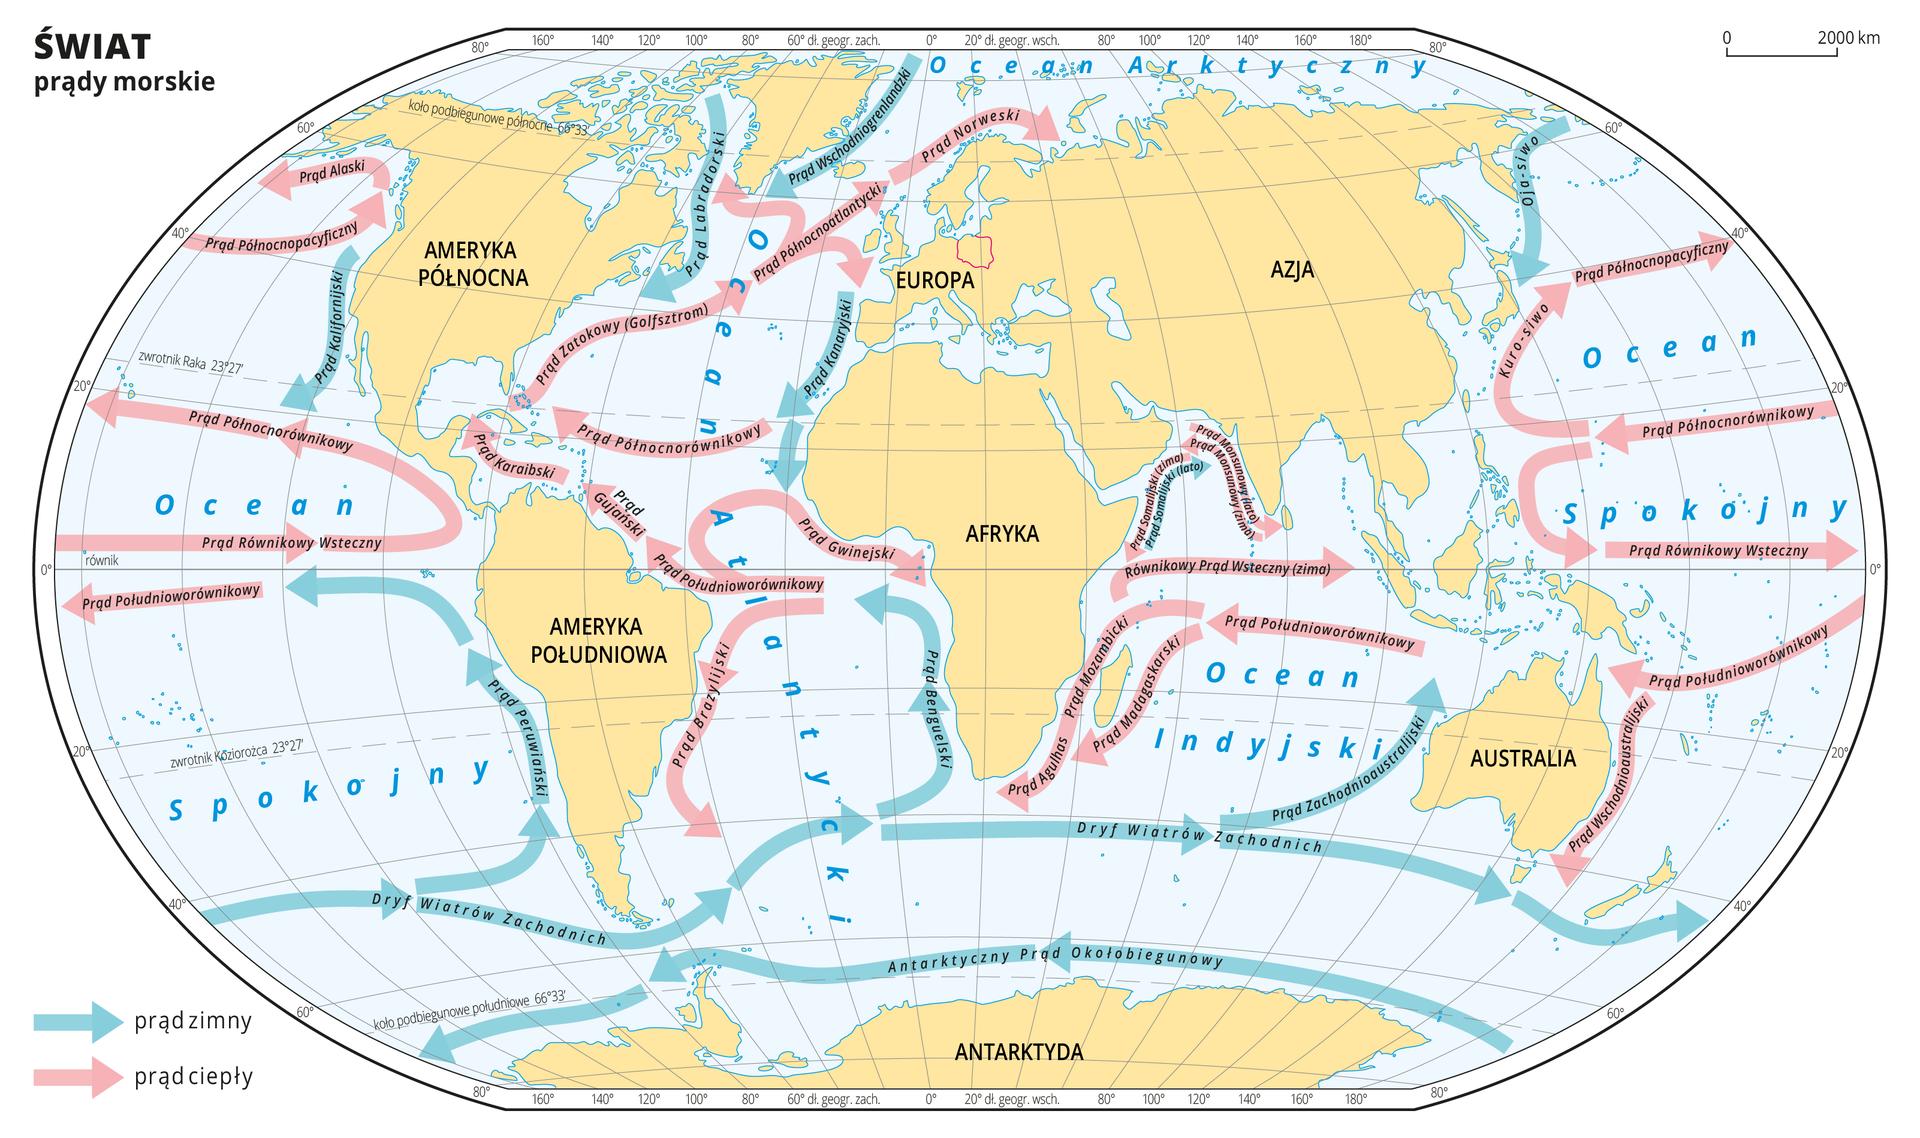 Ilustracja prezentuje mapę świata zrozmieszczeniem głównych prądów morskich ciepłych izimnych. Prądy ciepłe oznaczono różowymi liniami zakończonymi strzałkami wskazującymi kierunek prądu, prądy zimne oznaczono liniami wkolorze niebieskim. Linie prądów morskich biegną wzdłuż kontynentów, docierając do równika zmieniają kierunek. Na liniach prądów morskich opisano ich nazwy własne, np.: Prąd Brazylijski, Prąd Norweski.